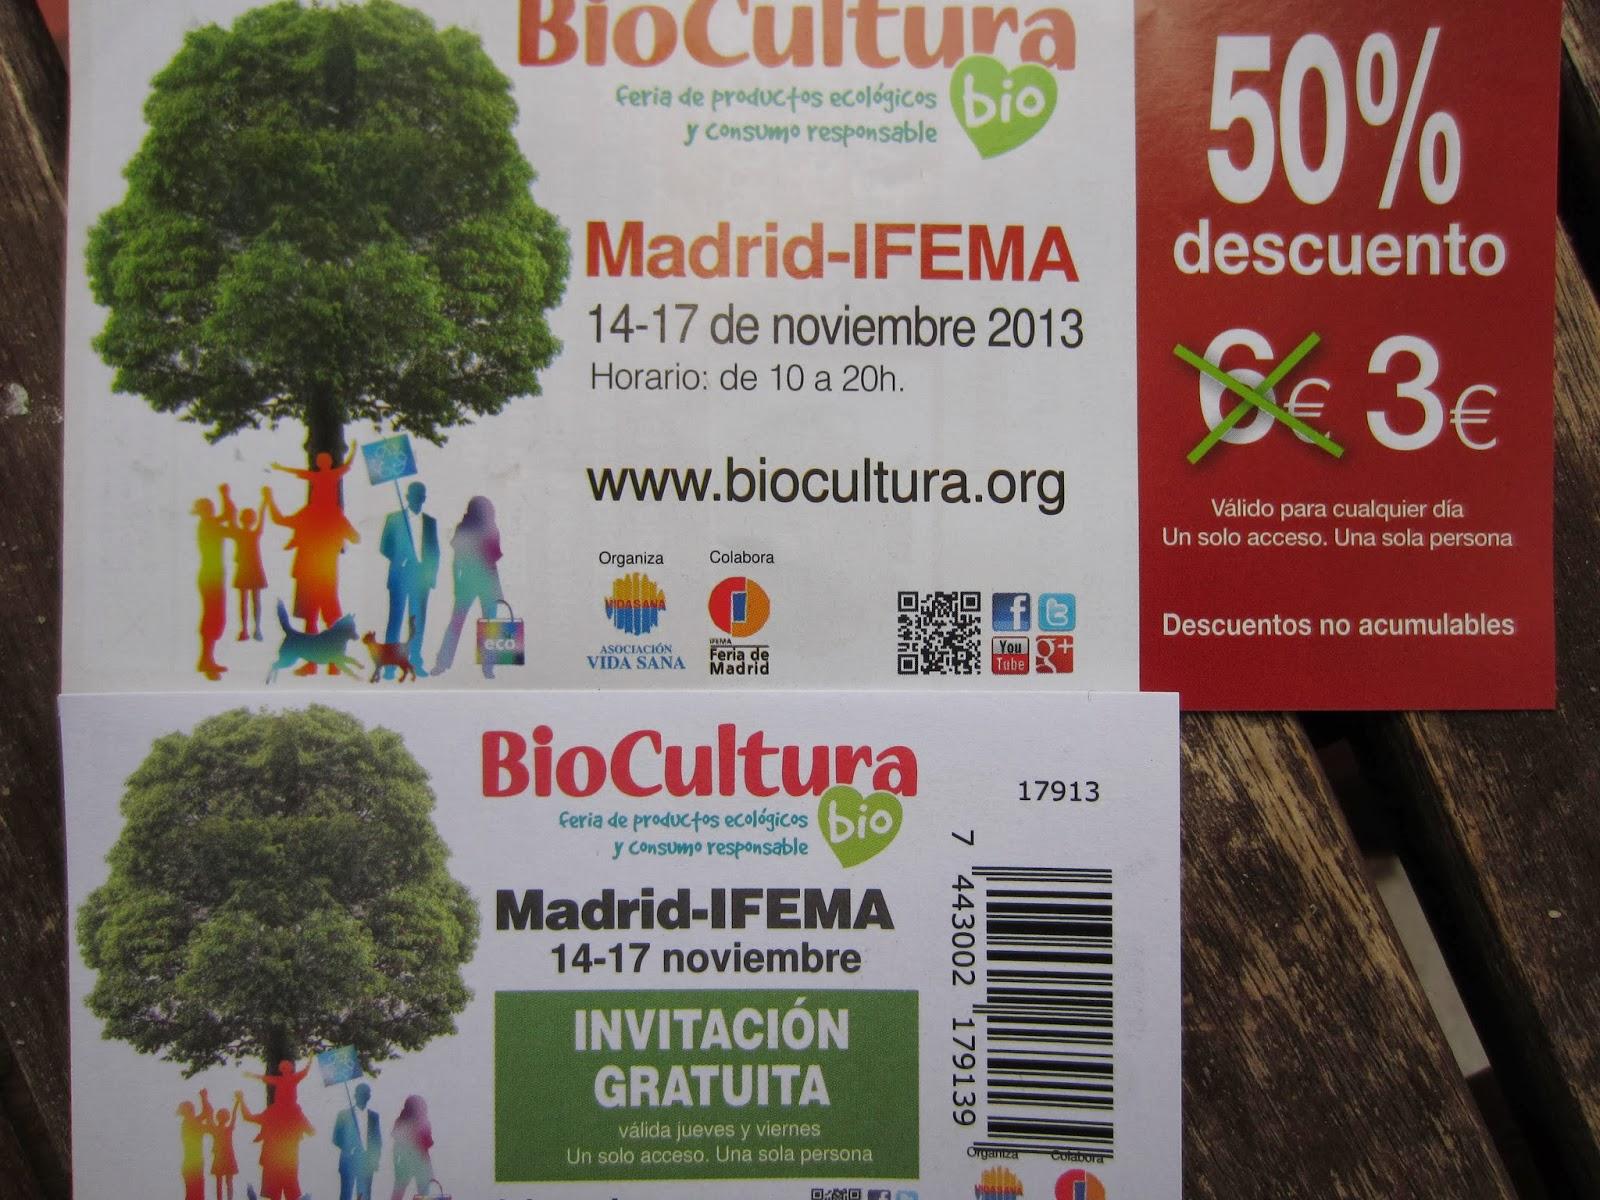 Jabón al Natural te regala entradas para biocultura